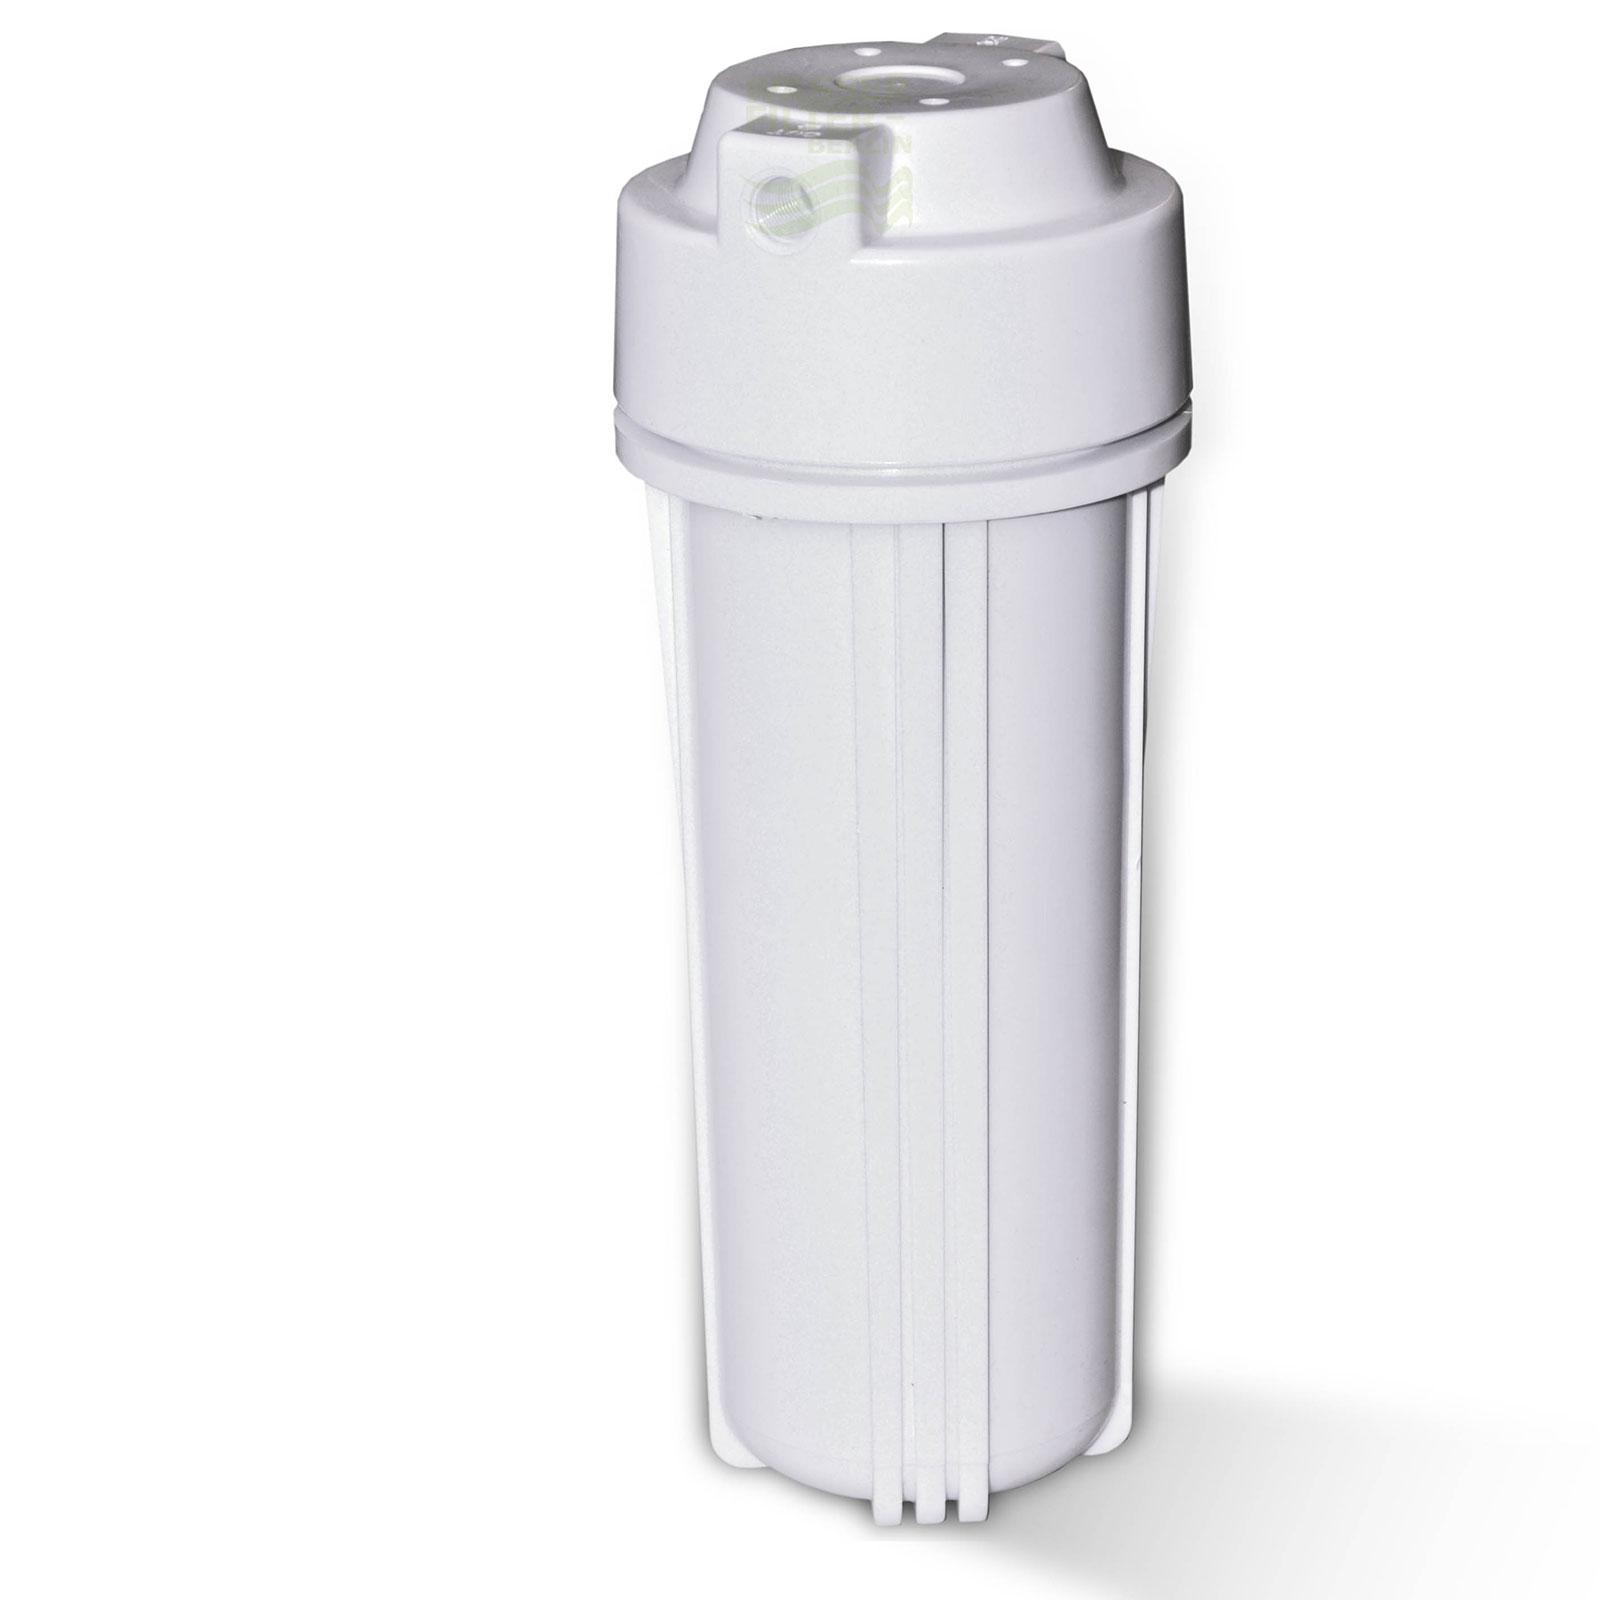 25,4cm (10 Zoll) Wasserfiltergehäuse, Umkehrosmose, weiß ...